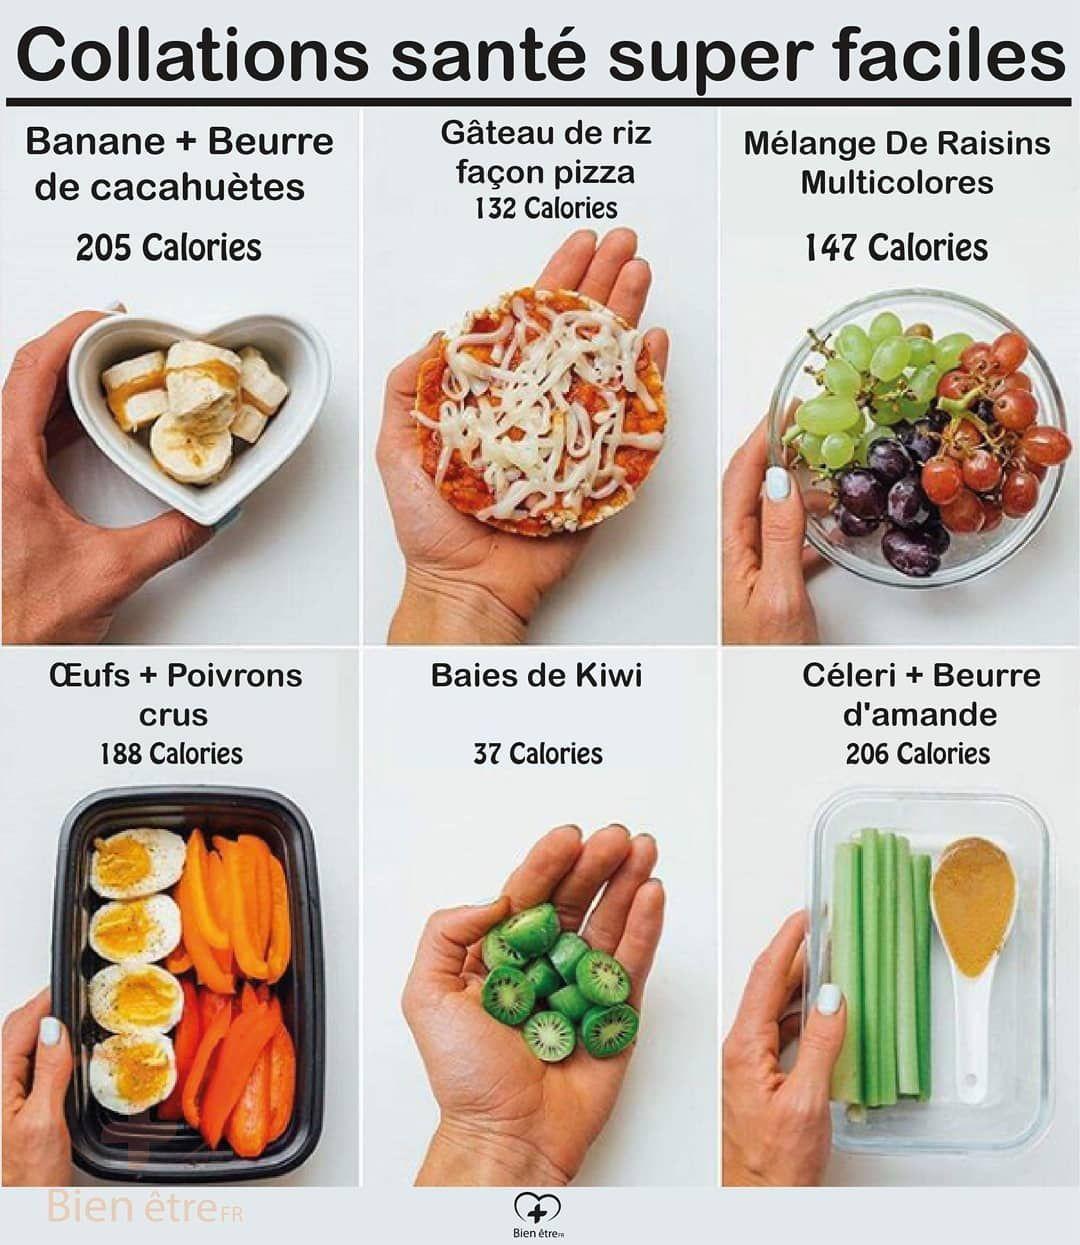 Maigrir vite : 10 conseils pour une perte de poids rapide et saine   nu3